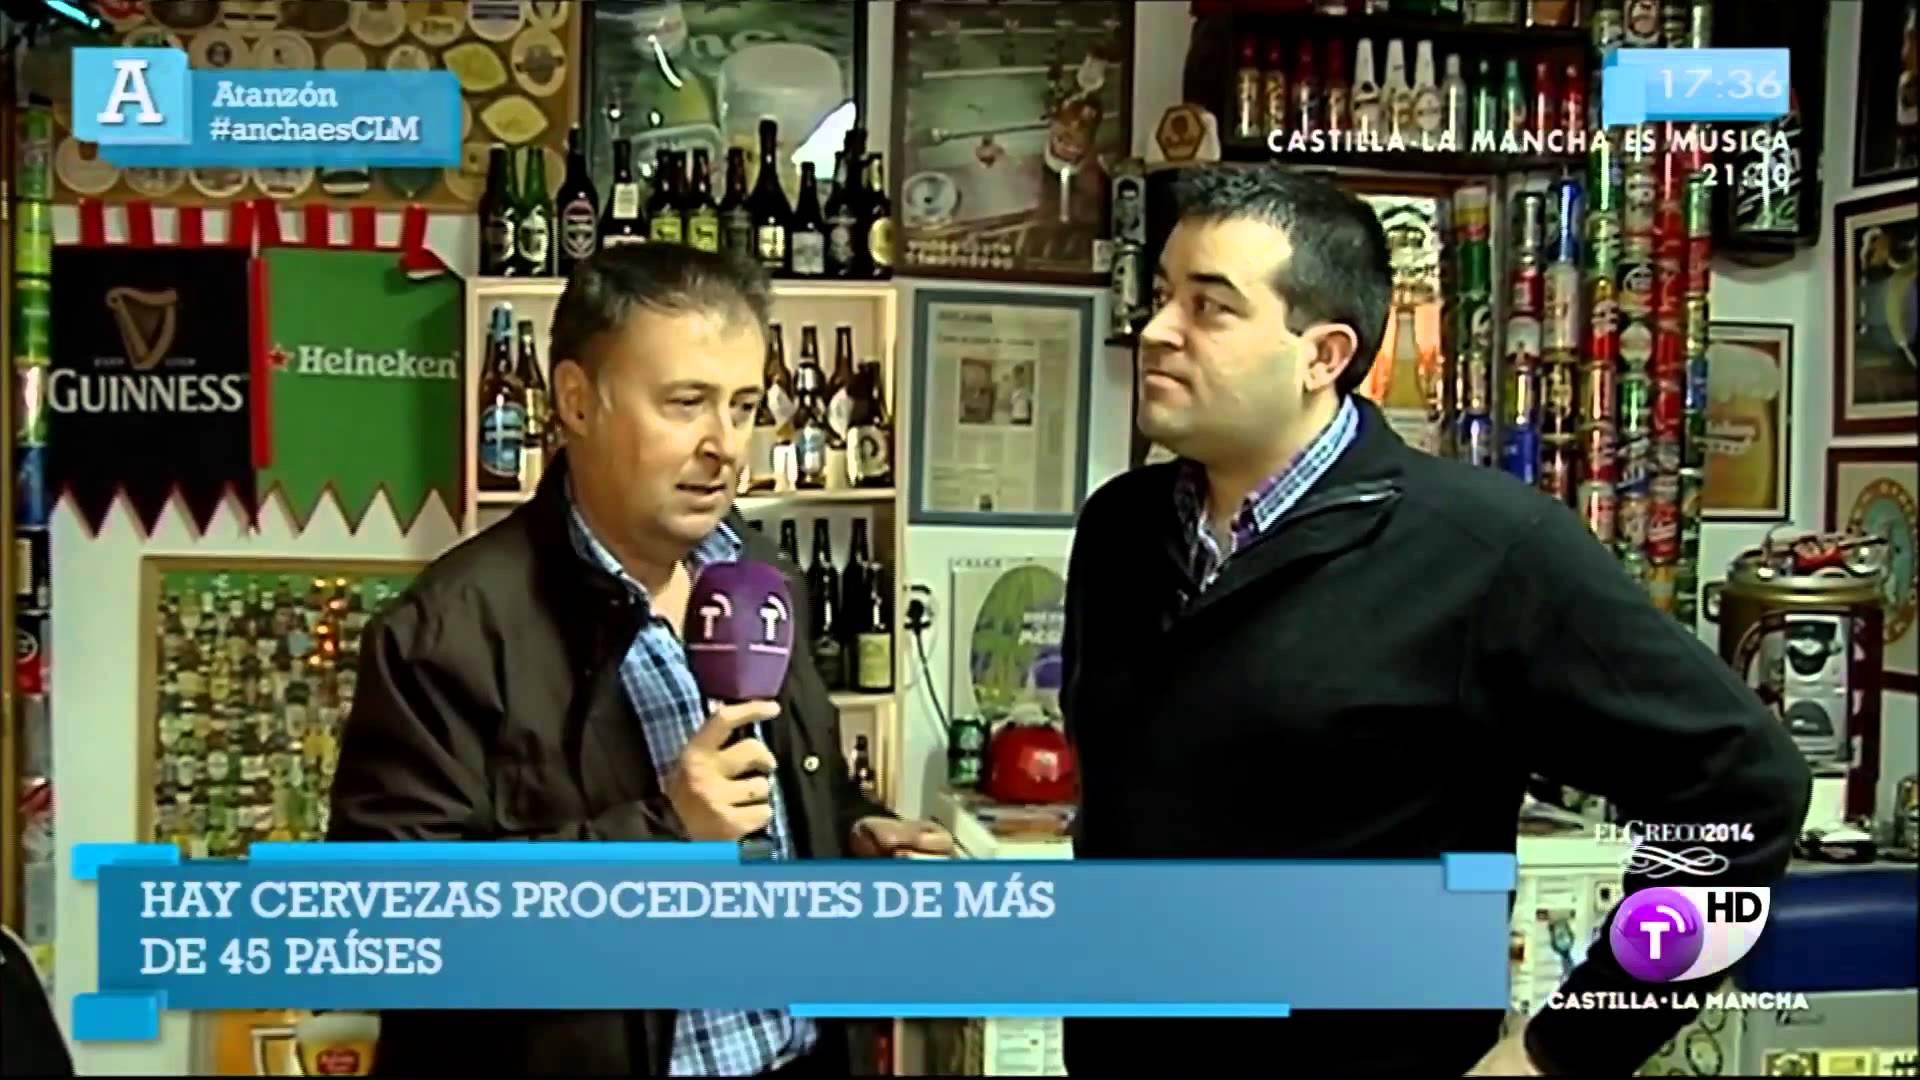 Curiosidades de Guadalajara (III): el Museo de la cerveza de Atanzón